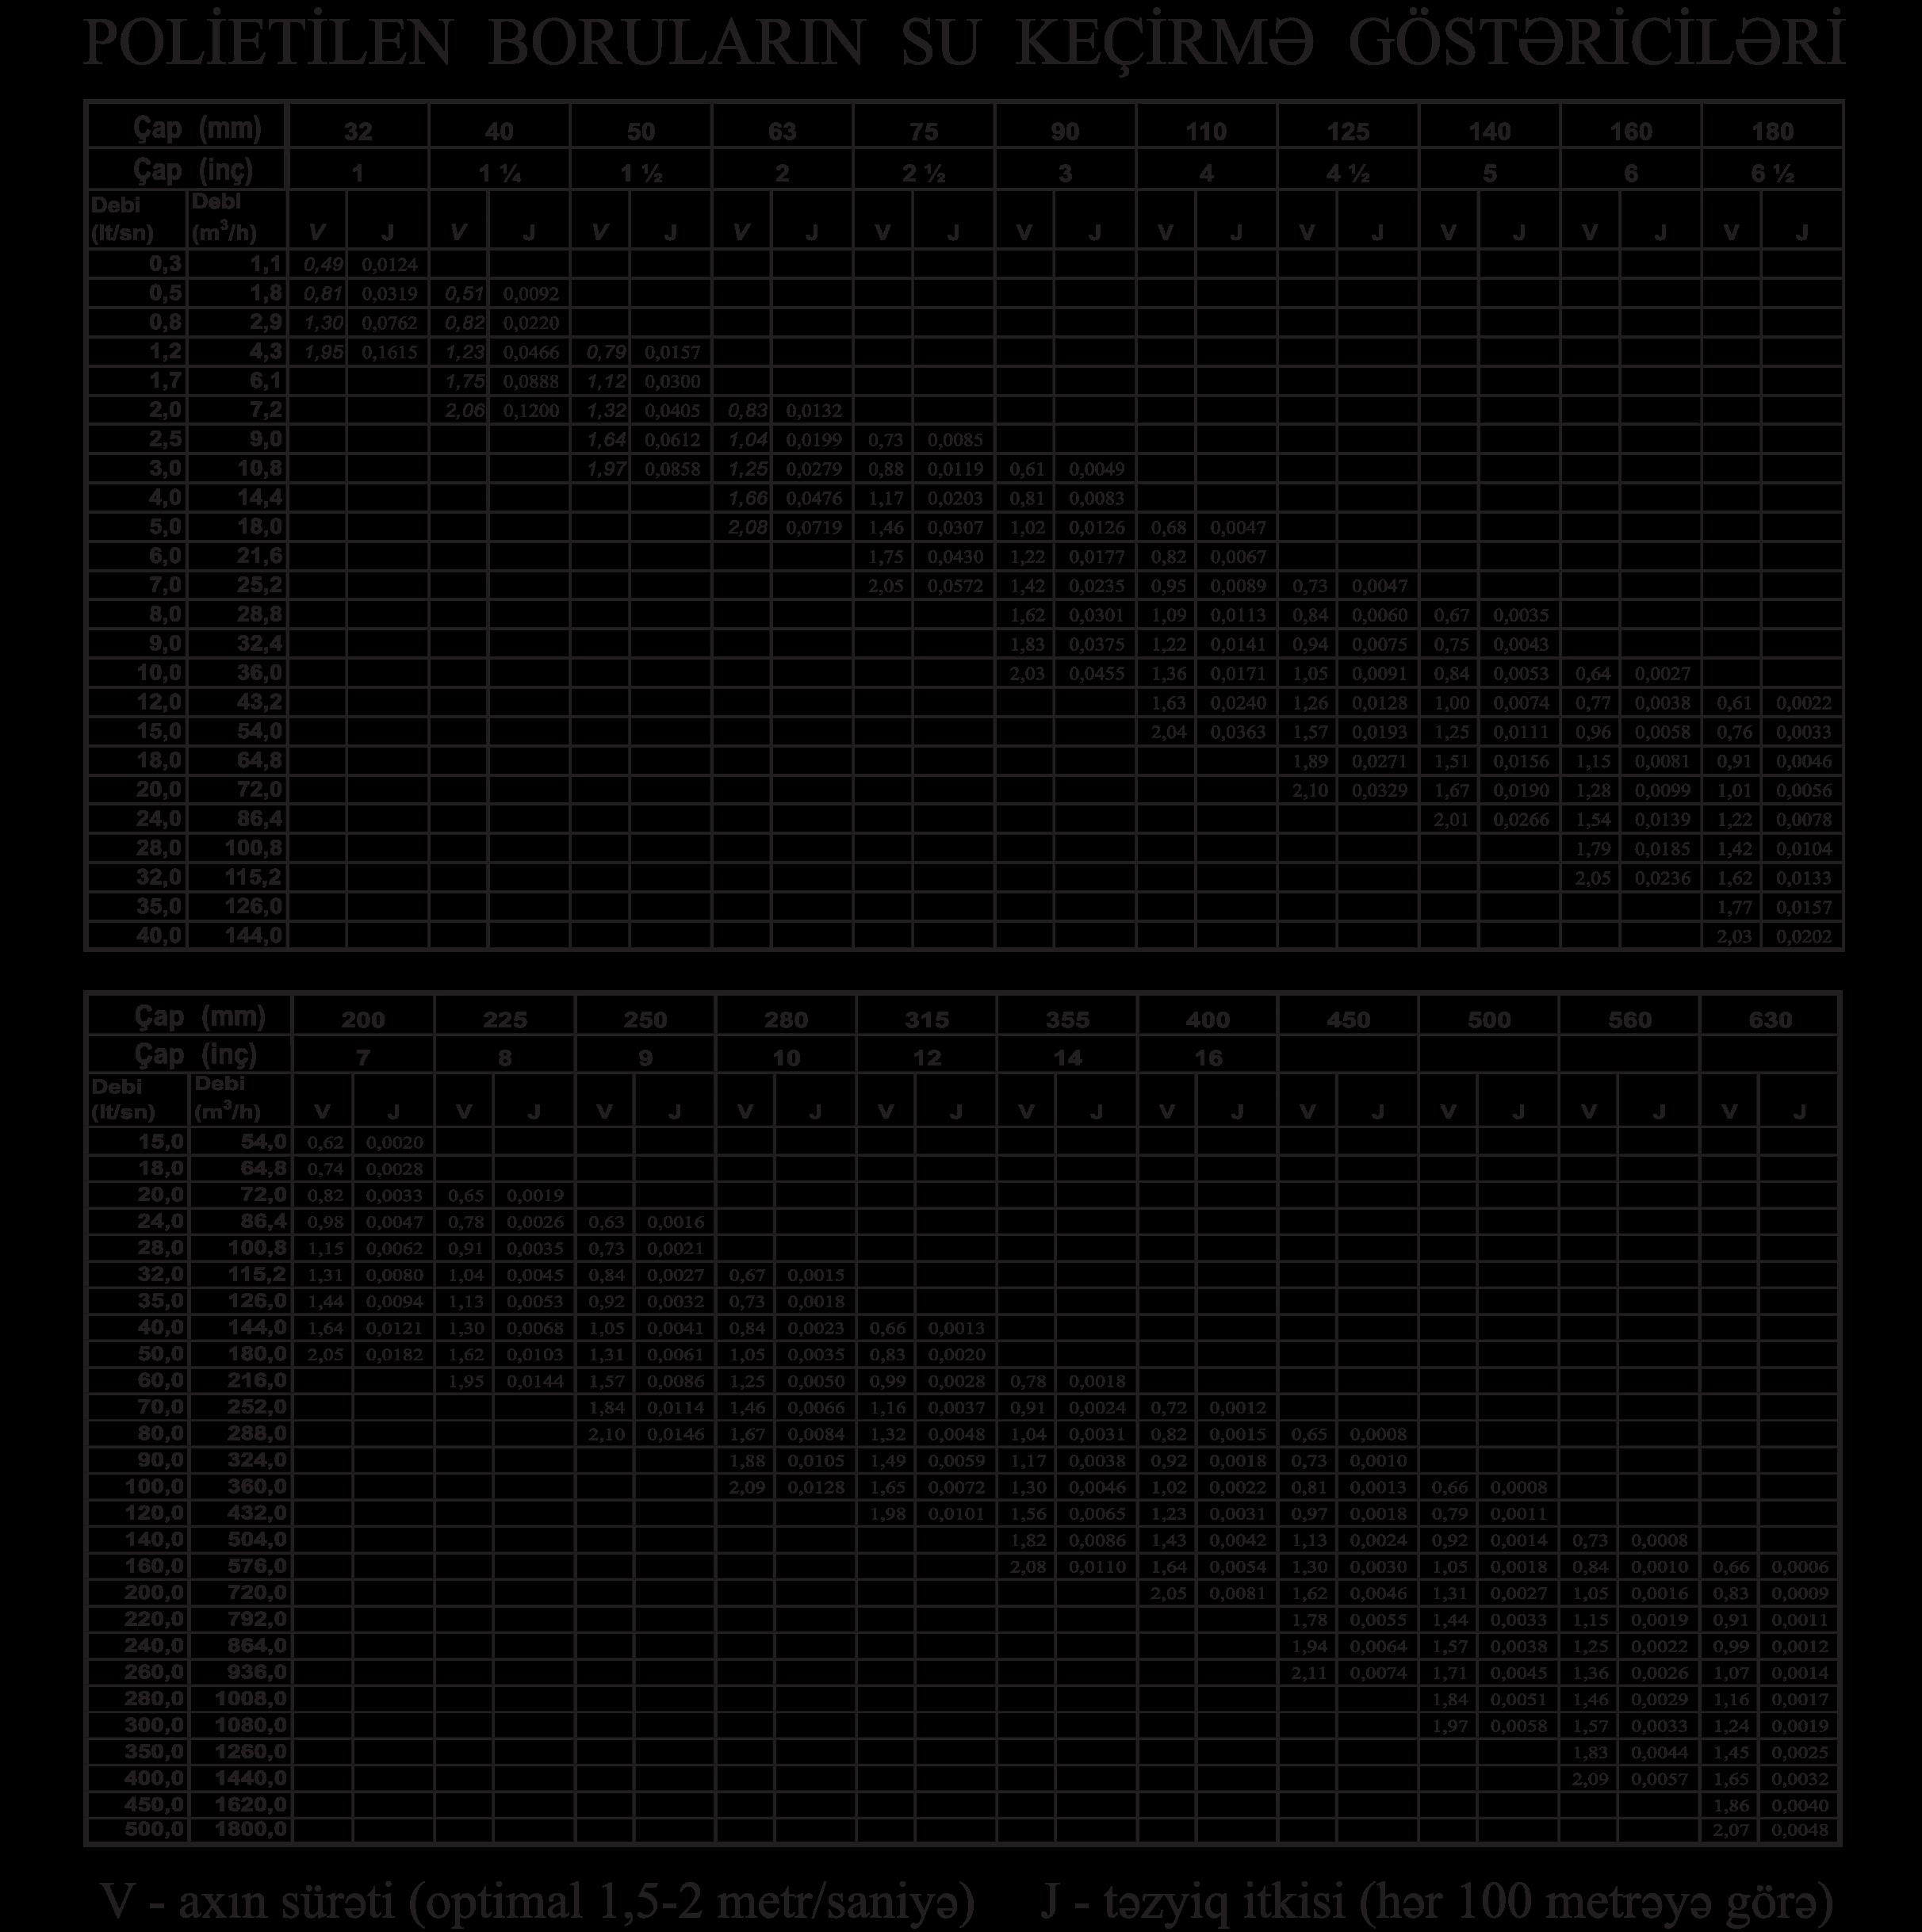 Гидравлические расчеты - hesablama - Гидравлические расчеты